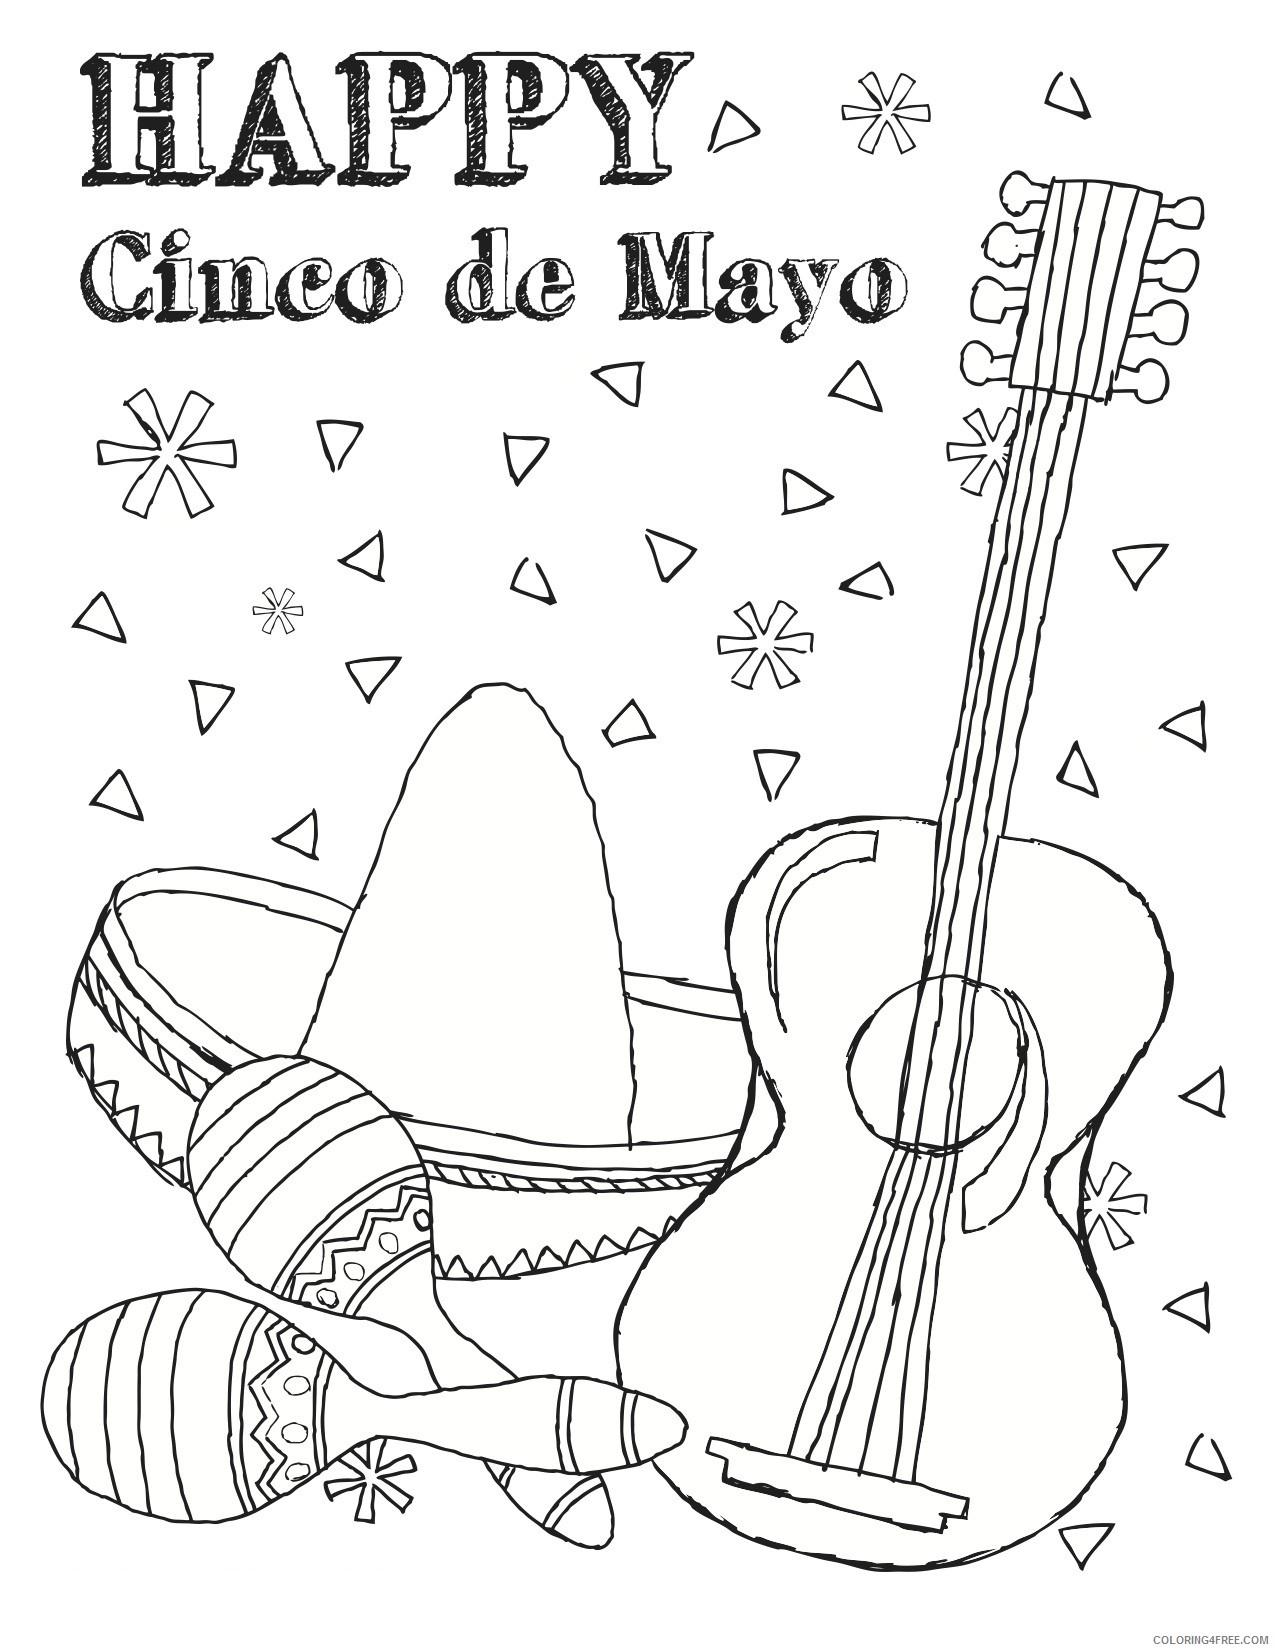 happy cinco de mayo coloring pages Coloring4free